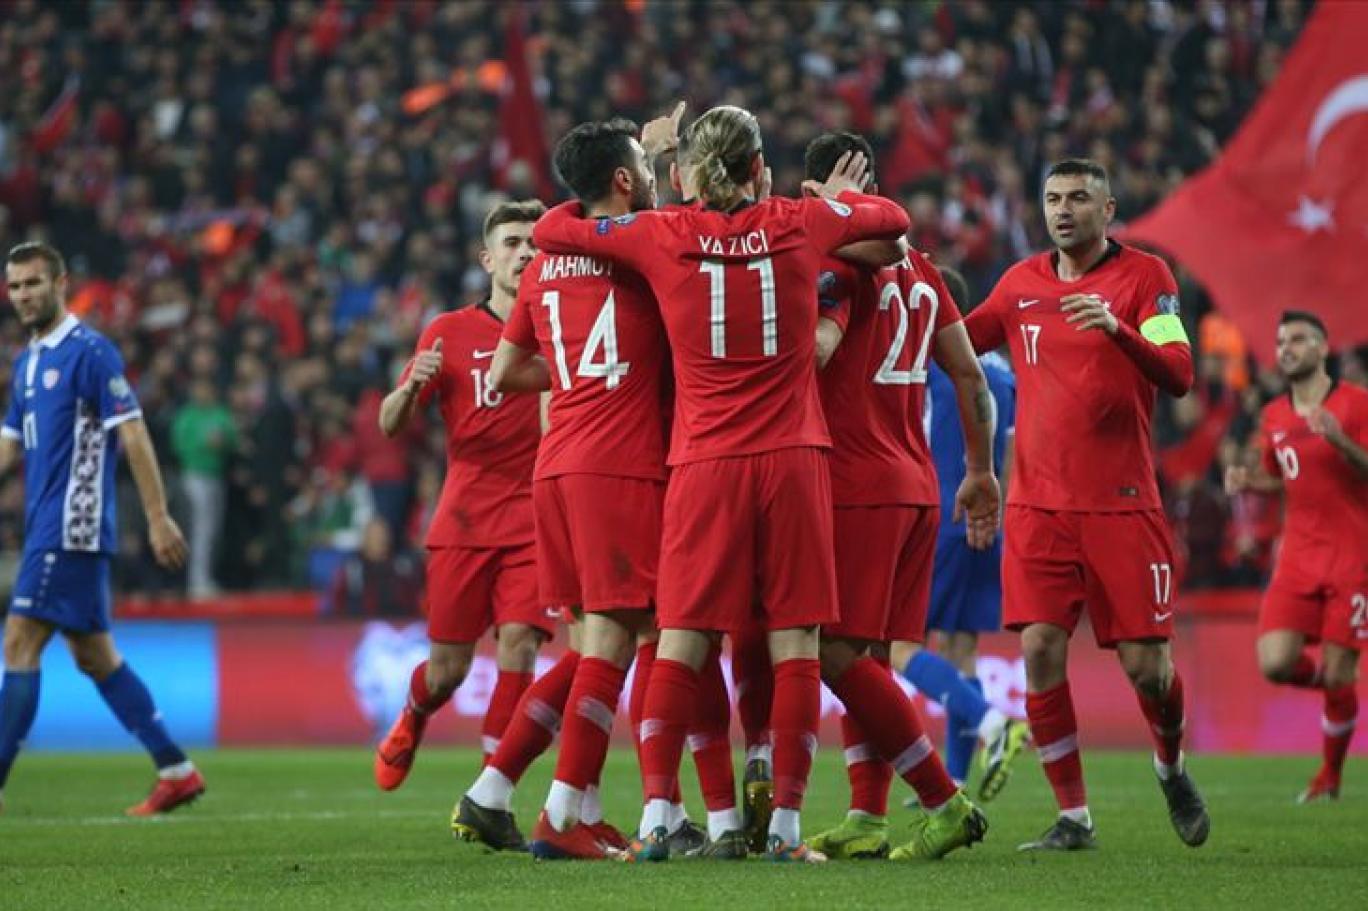 Norveç-Türkiye maçı seyahat kısıtlamaları nedeniyle İspanya'da oynanacak